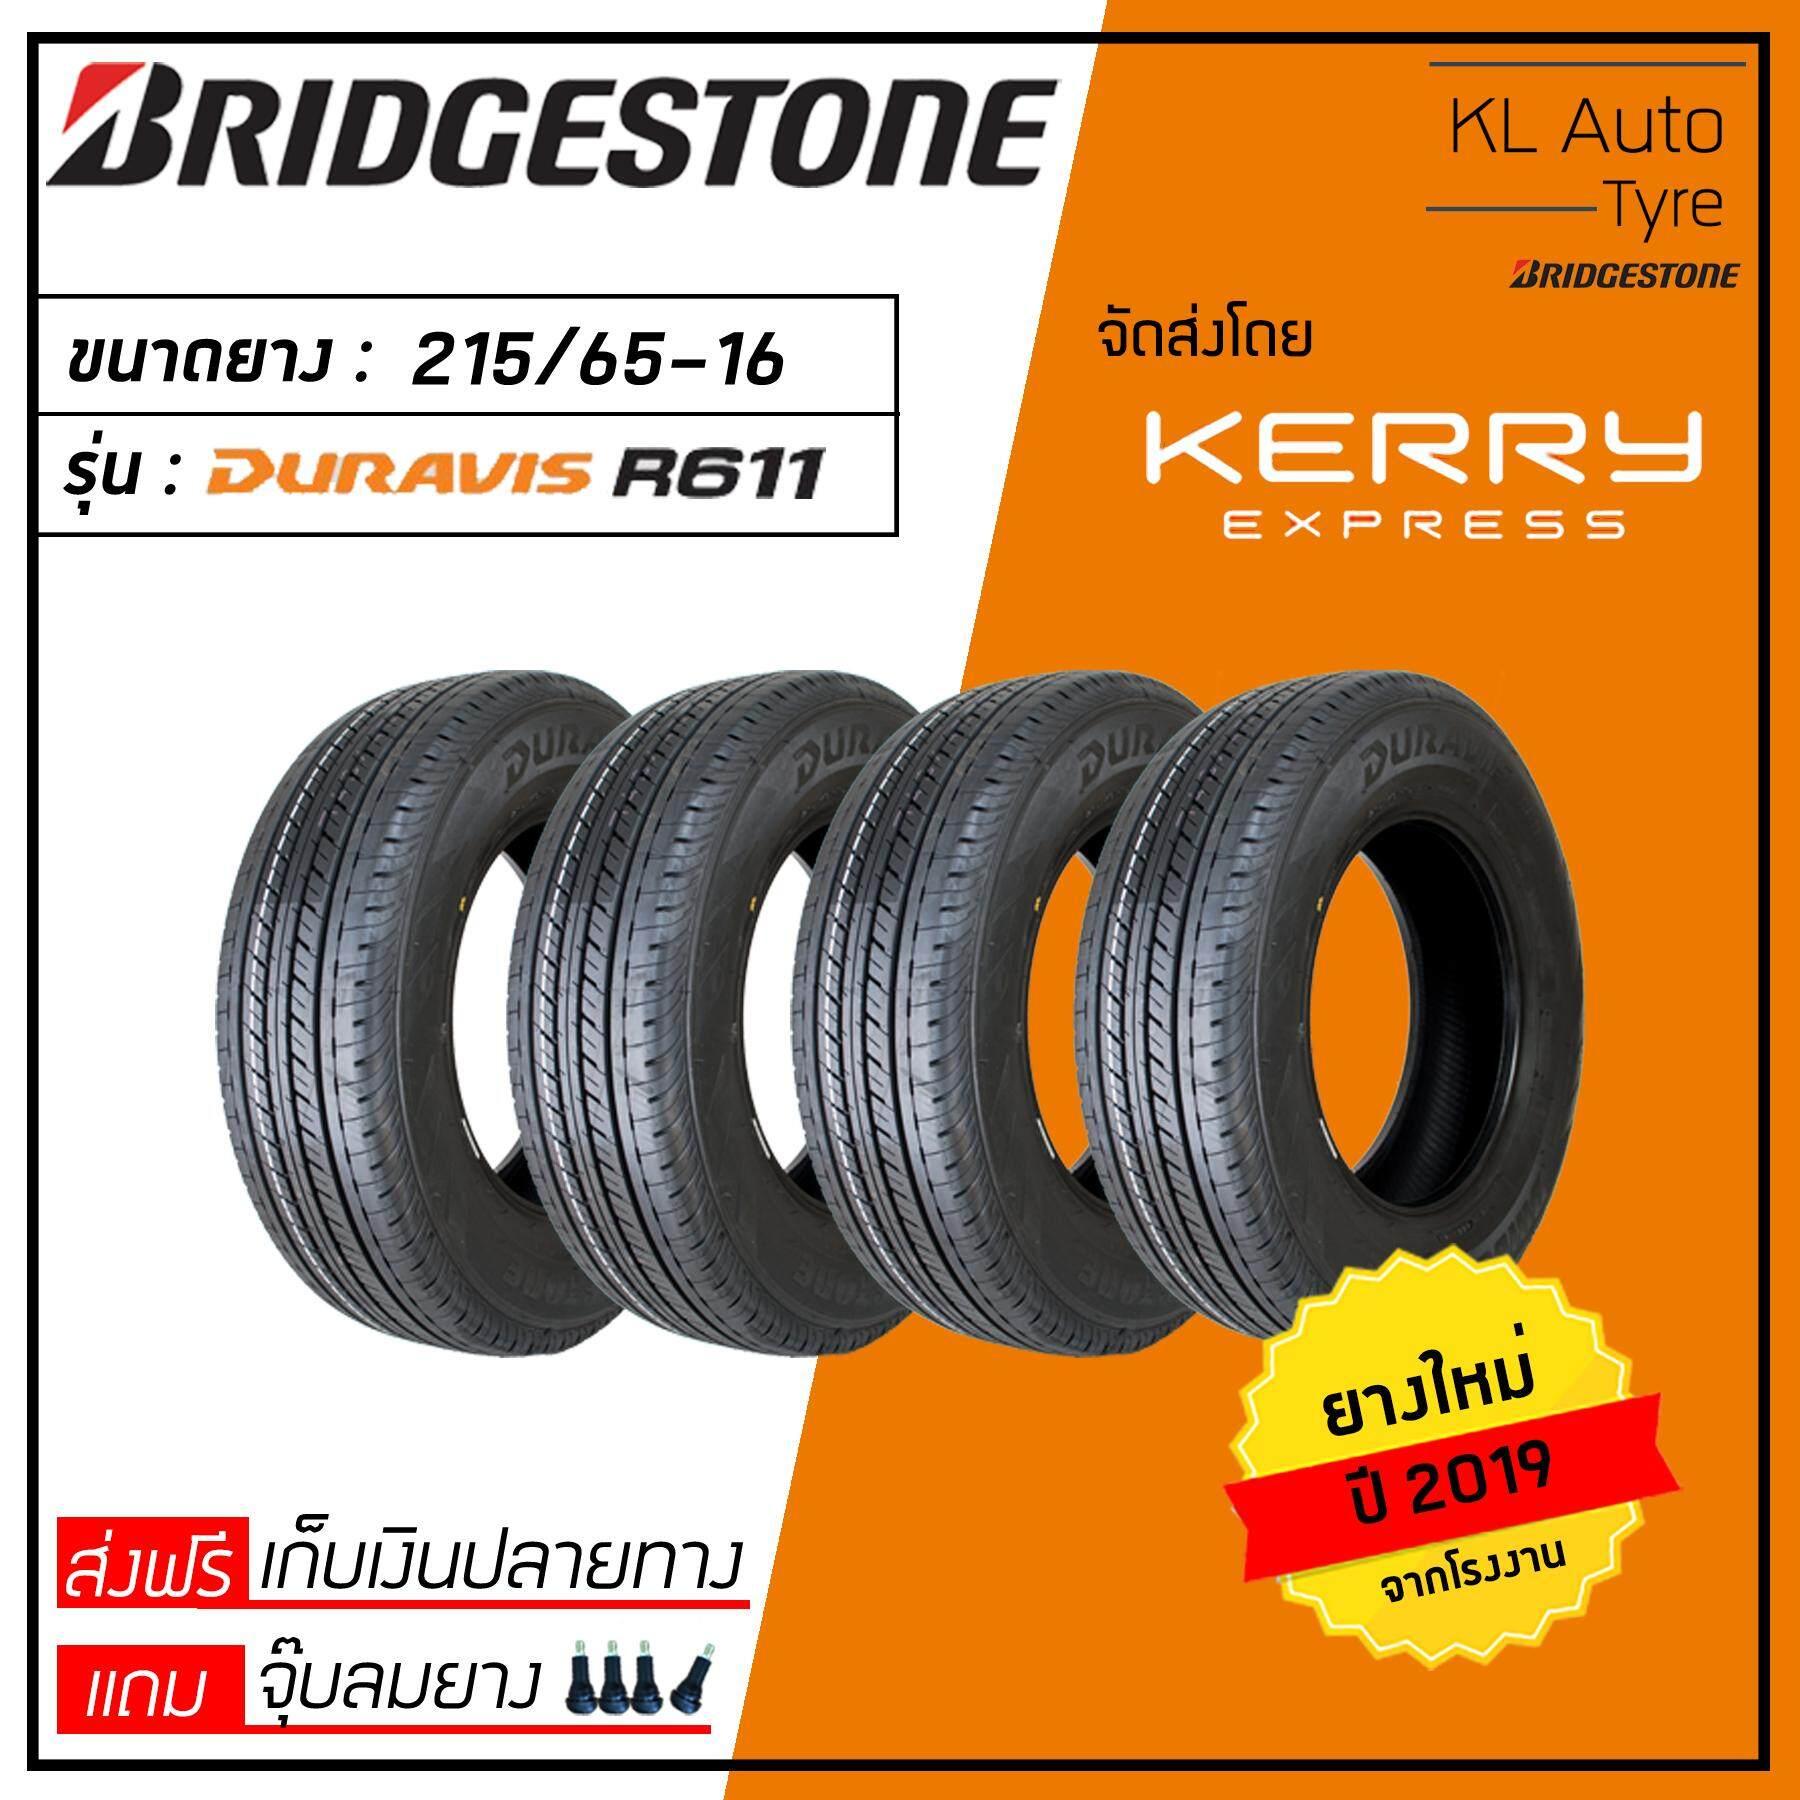 ประกันภัย รถยนต์ 3 พลัส ราคา ถูก นครราชสีมา Bridgestone 215/65-16 R611 4 เส้น ปี 19 (ฟรี จุ๊บยาง 4 ตัว มูลค่า 200 บาท)